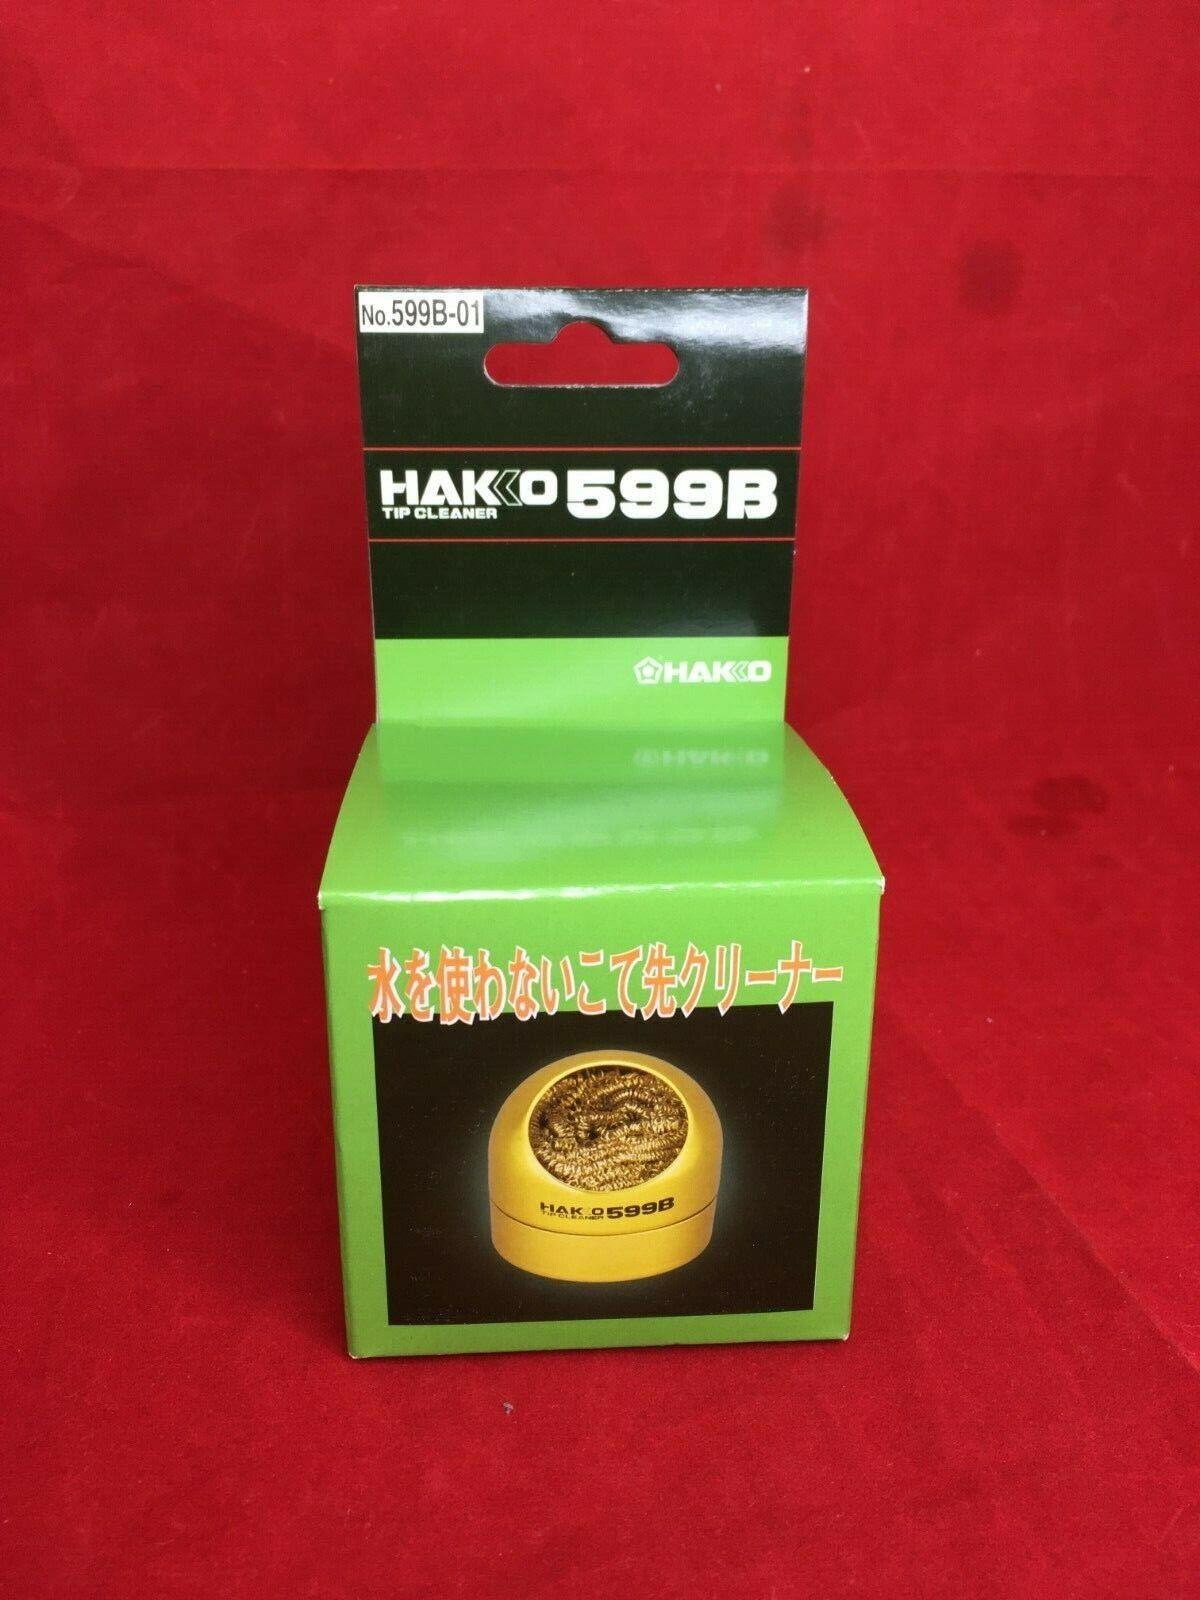 Hakko 599B-01 Soldering Tip Cleaner Wire type New Japan